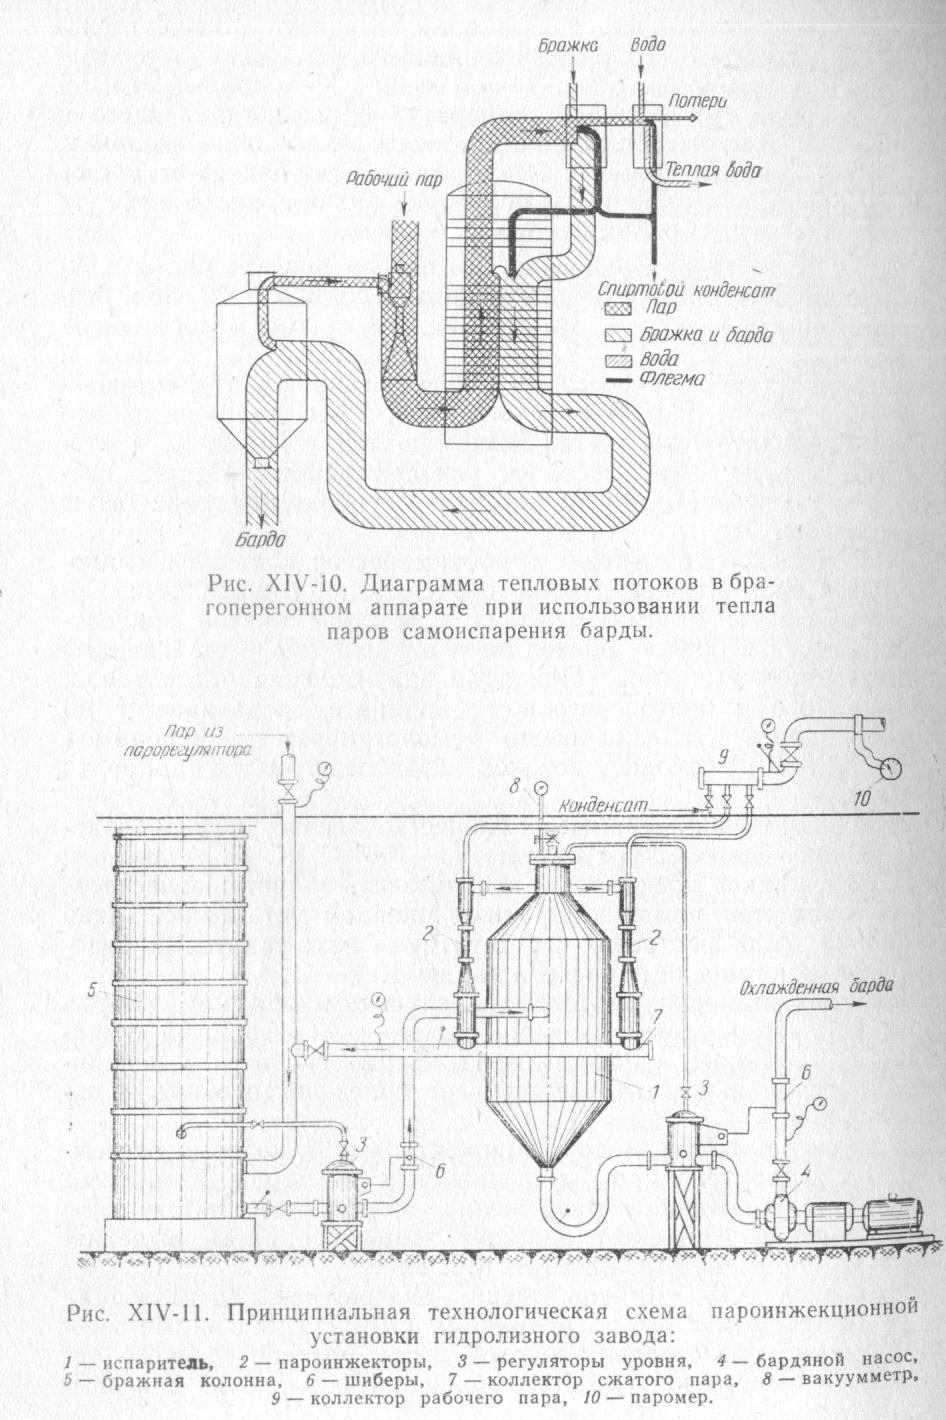 тепловой поток брагоперегонного аппарата с пароинжекционной установкой